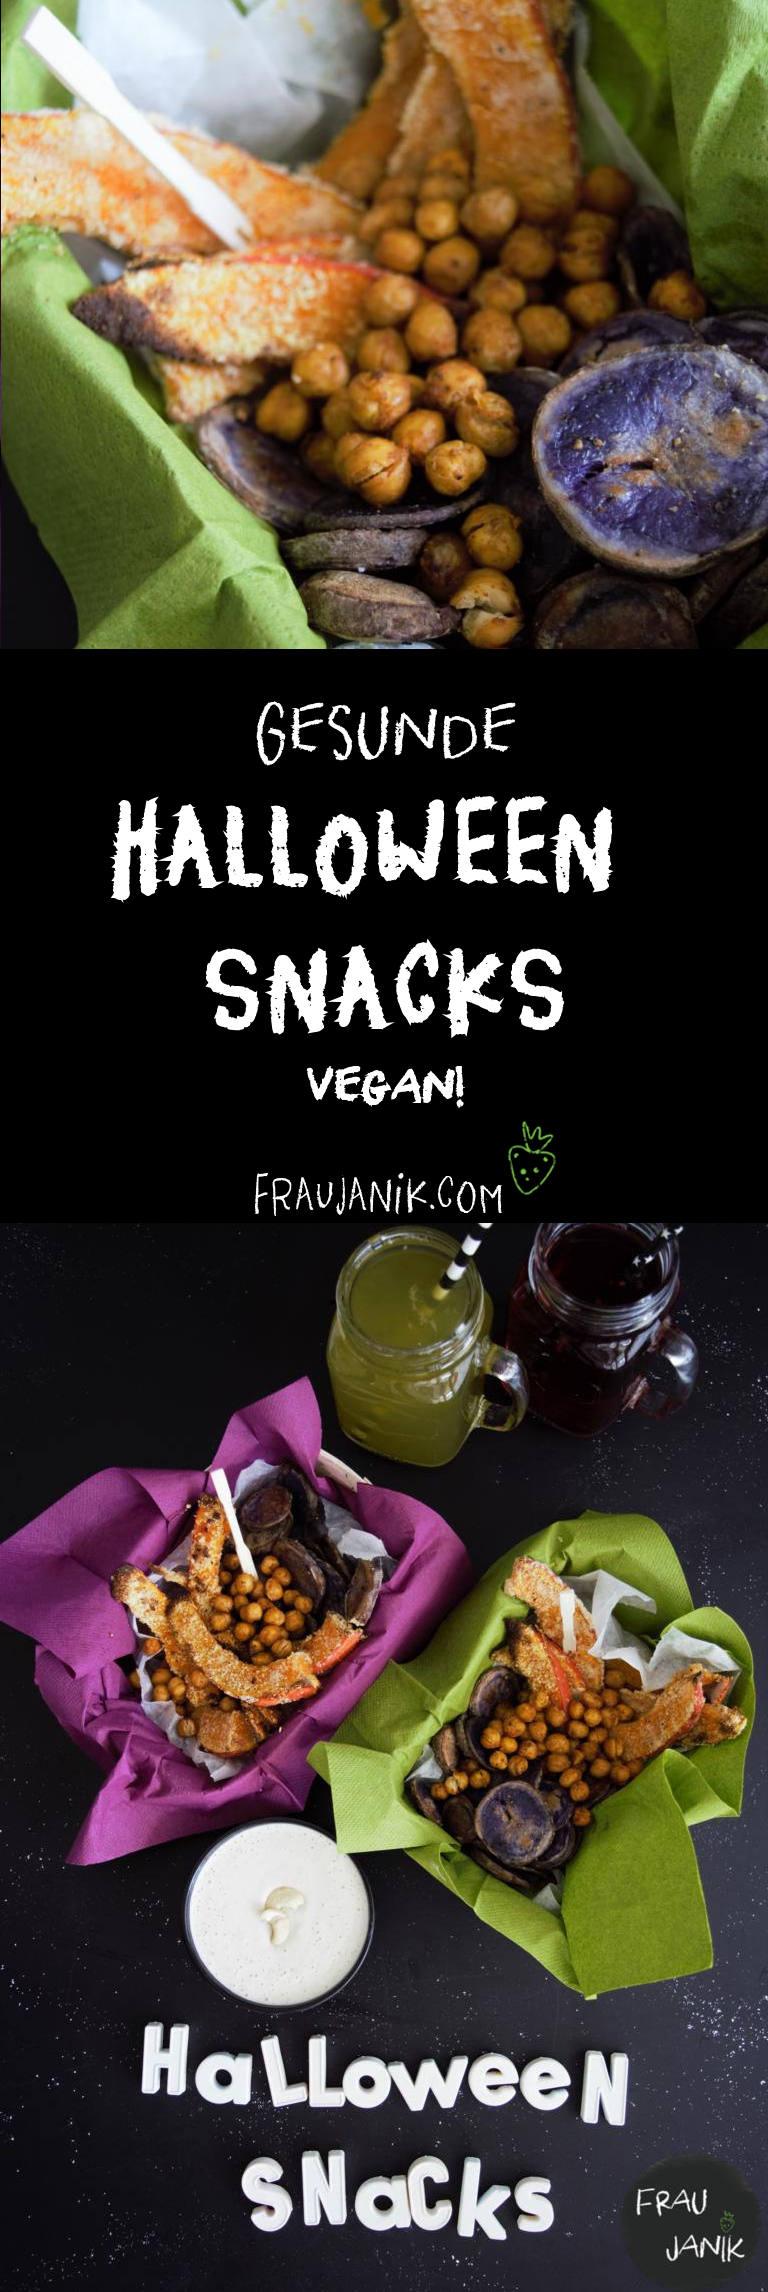 Halloween Snacks, vegan